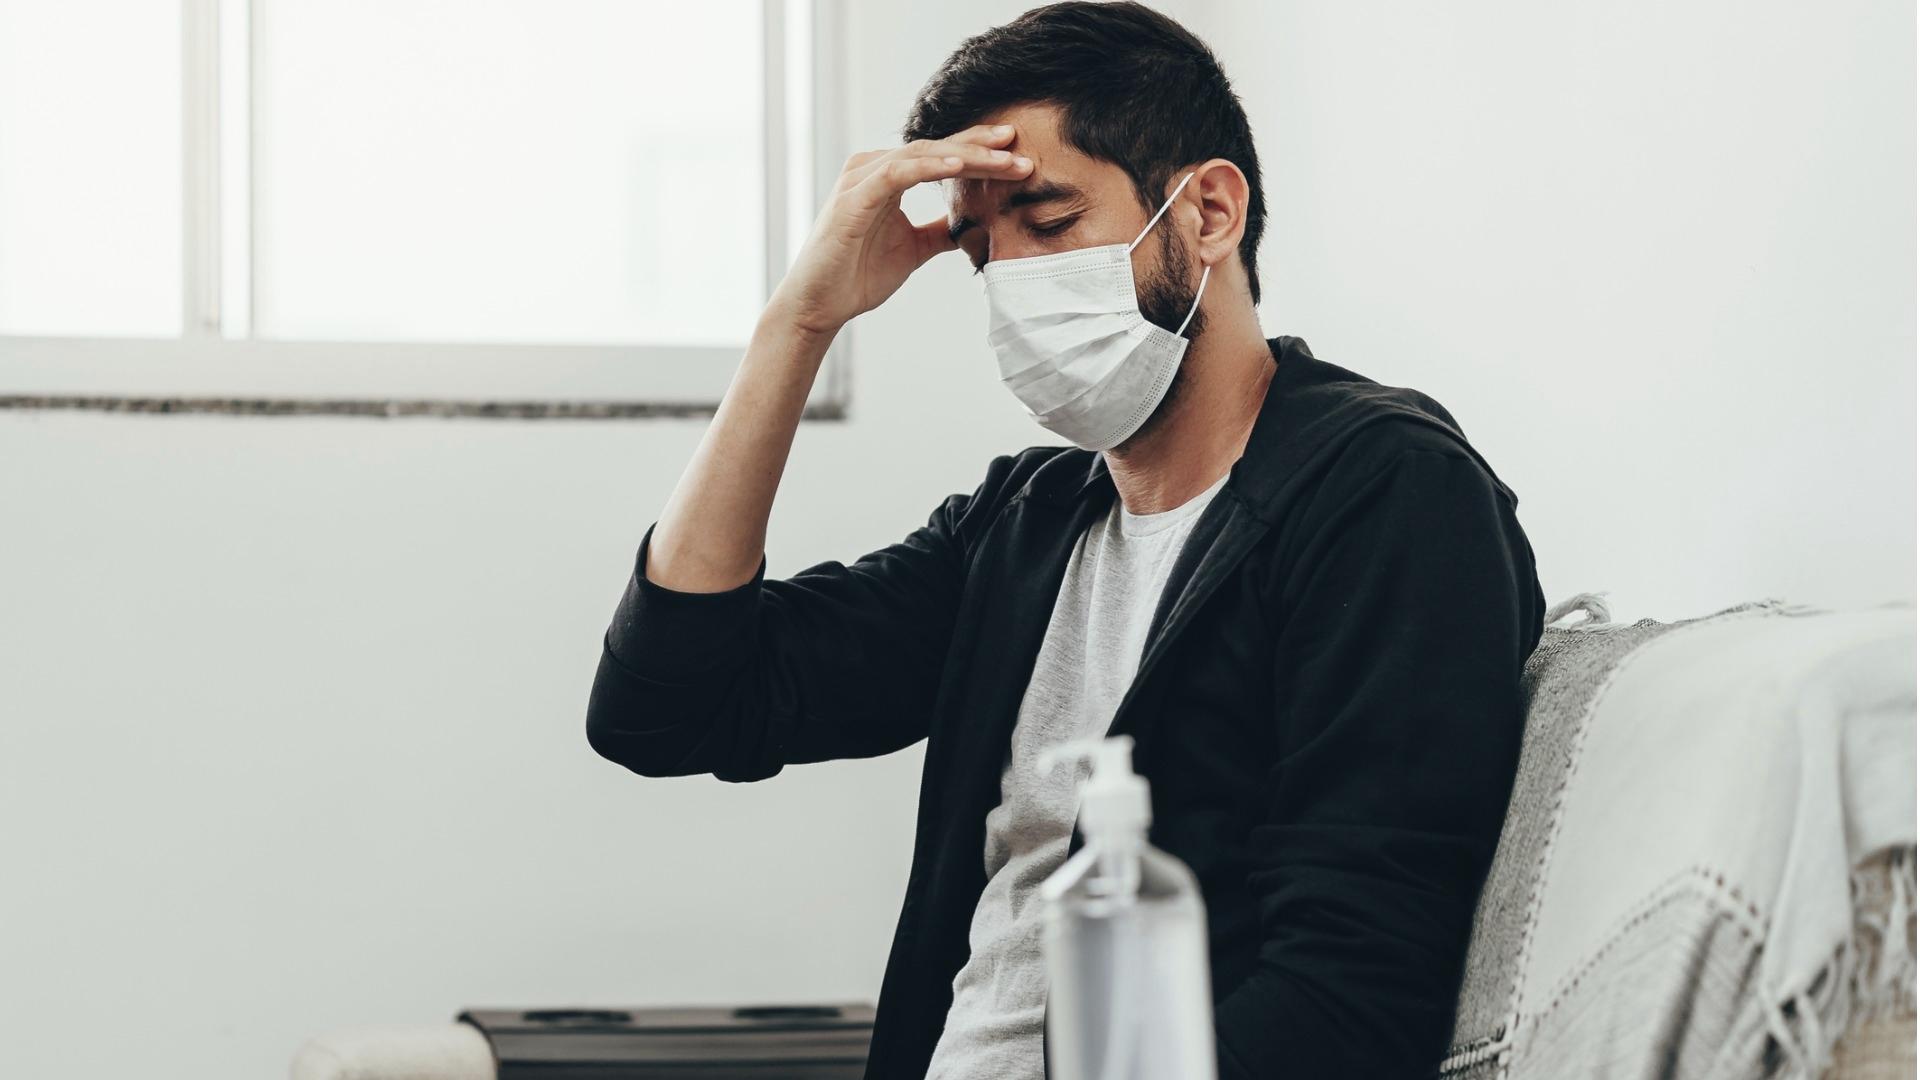 Pitkää koronaa sairastavat voivat kärsiä esimerkiksi pääkivuista, nivelsäryistä, kroonisesta väsymyksestä, univaikeuksista ja hiustenlähdöstä.